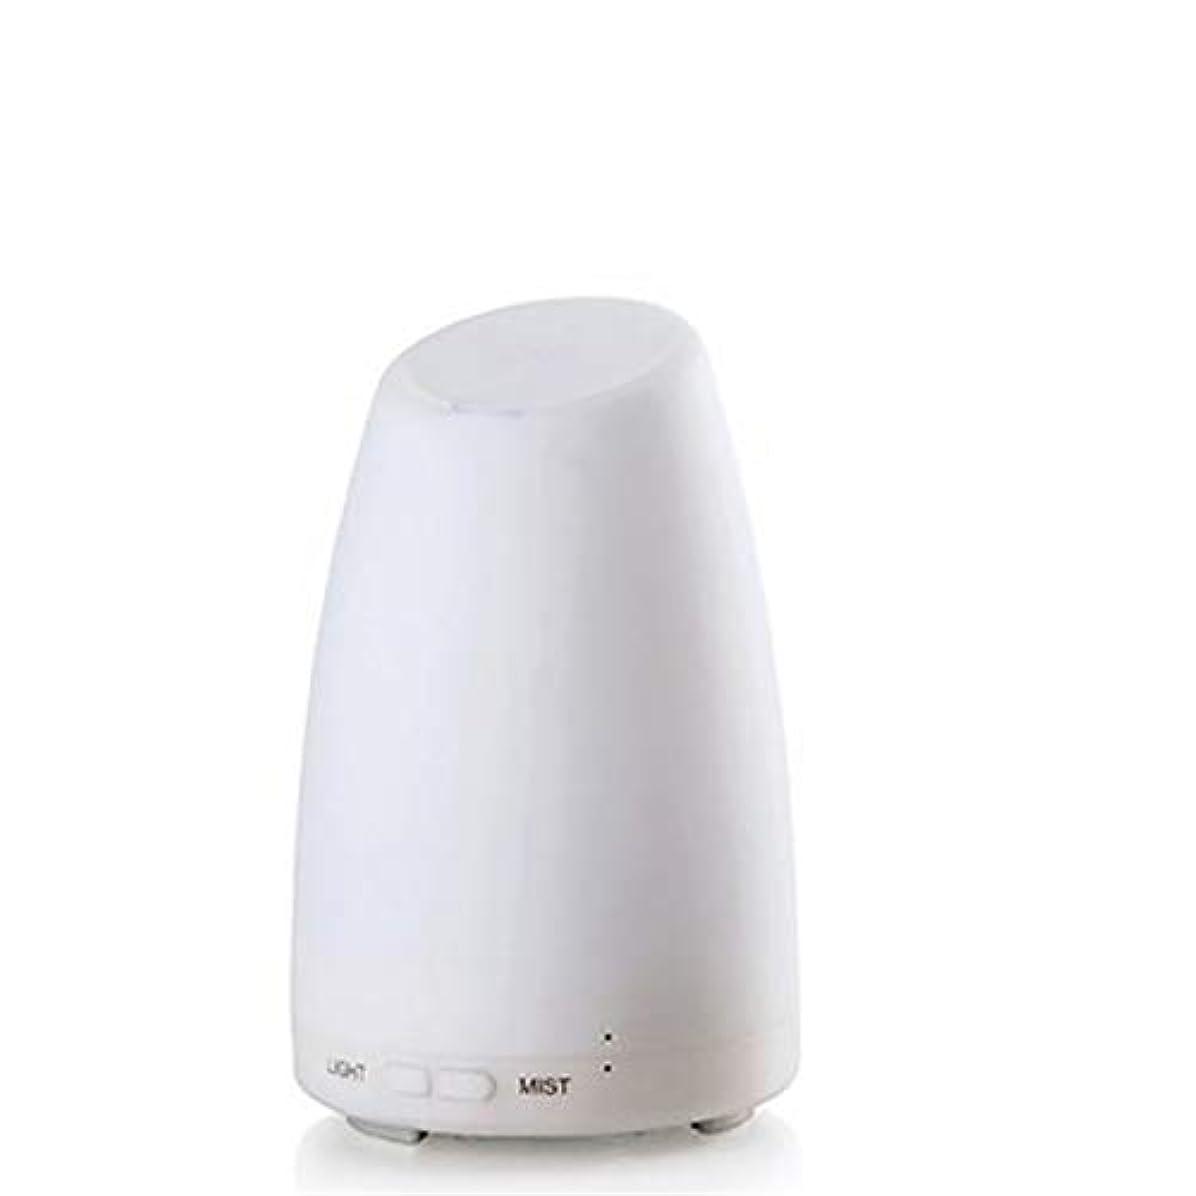 追う弱める最終エッセンシャルオイルディフューザー、霧コントロール4h 使用、低水自動シャットダウン、7種類の LED ライト、家庭、オフィス、寝室、家族のベビールームとの超音波 100 ml アロマディフューザー